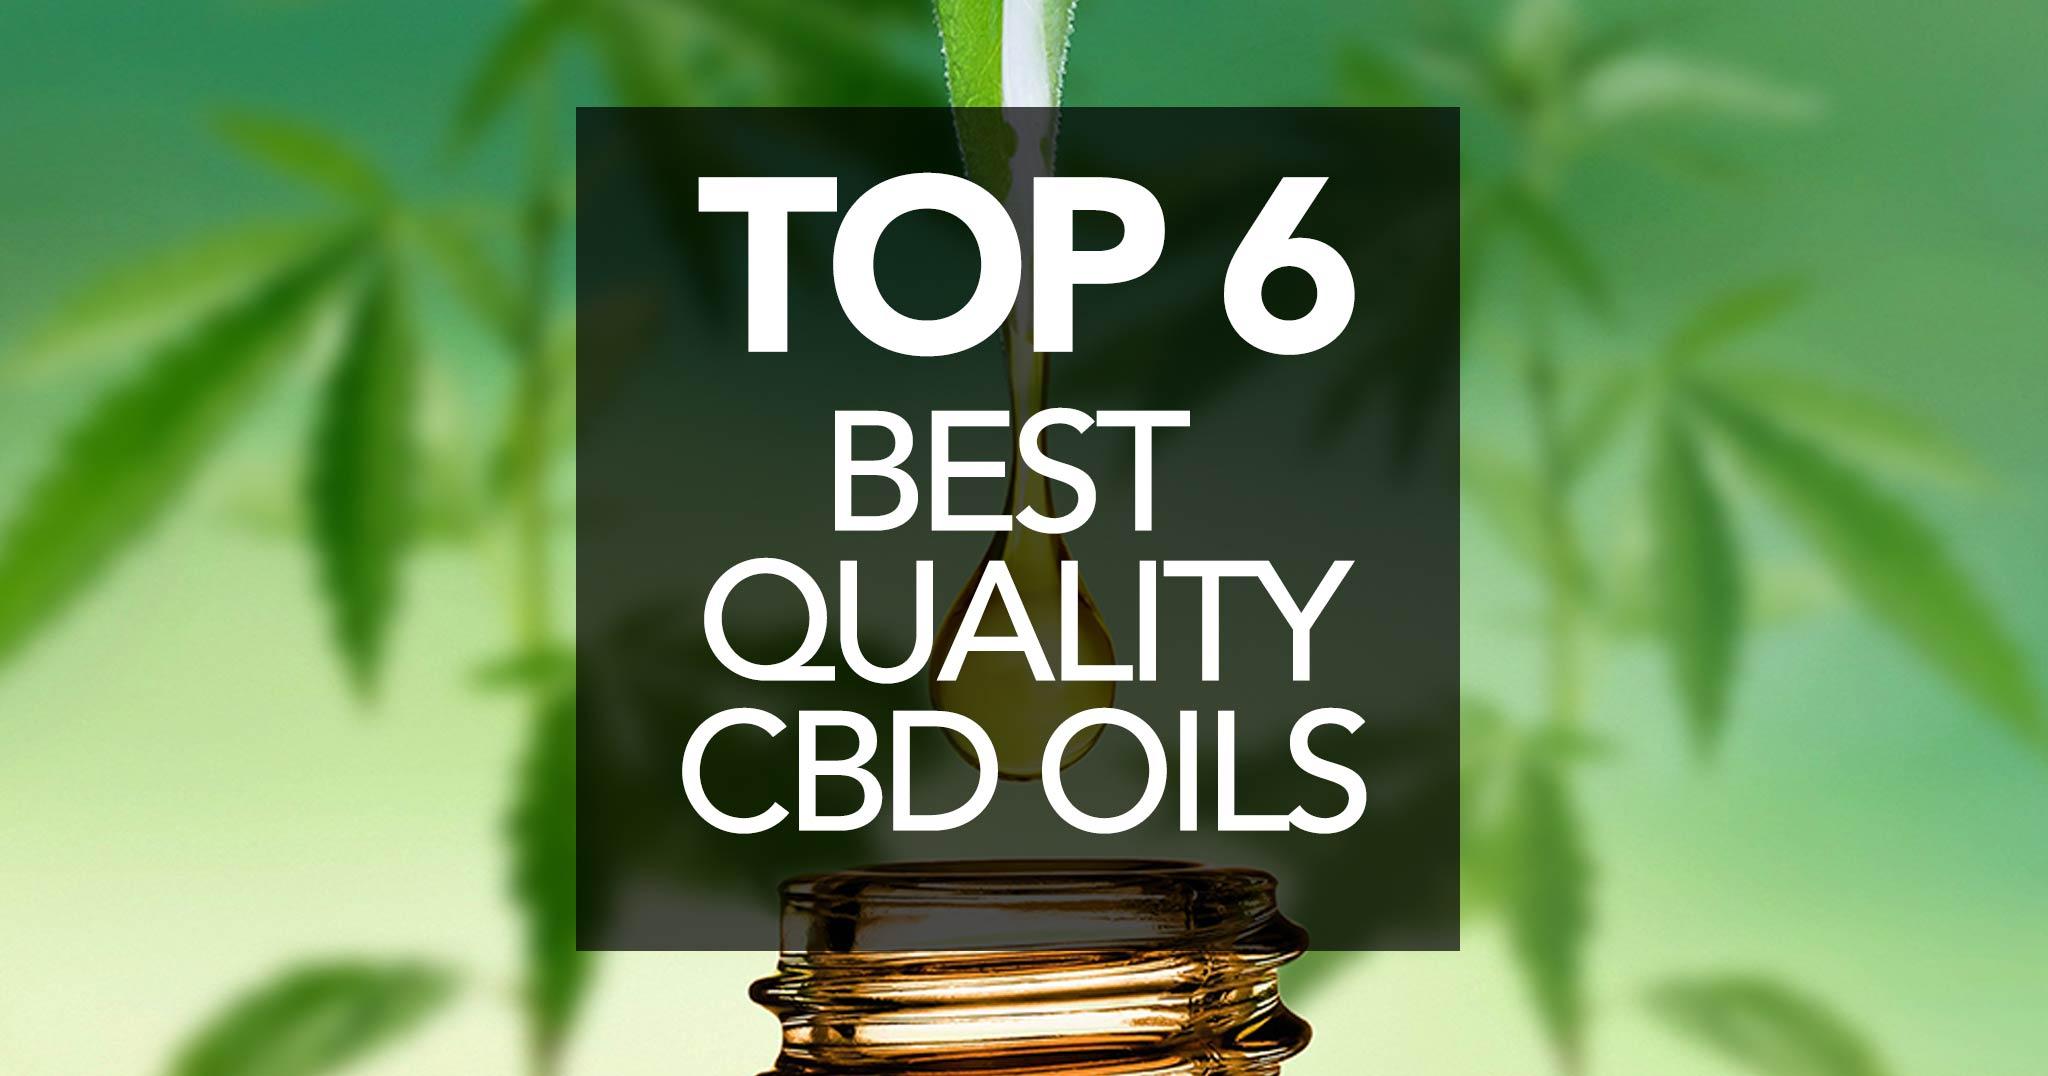 Best Quality CBD Oils For Golden Retrievers